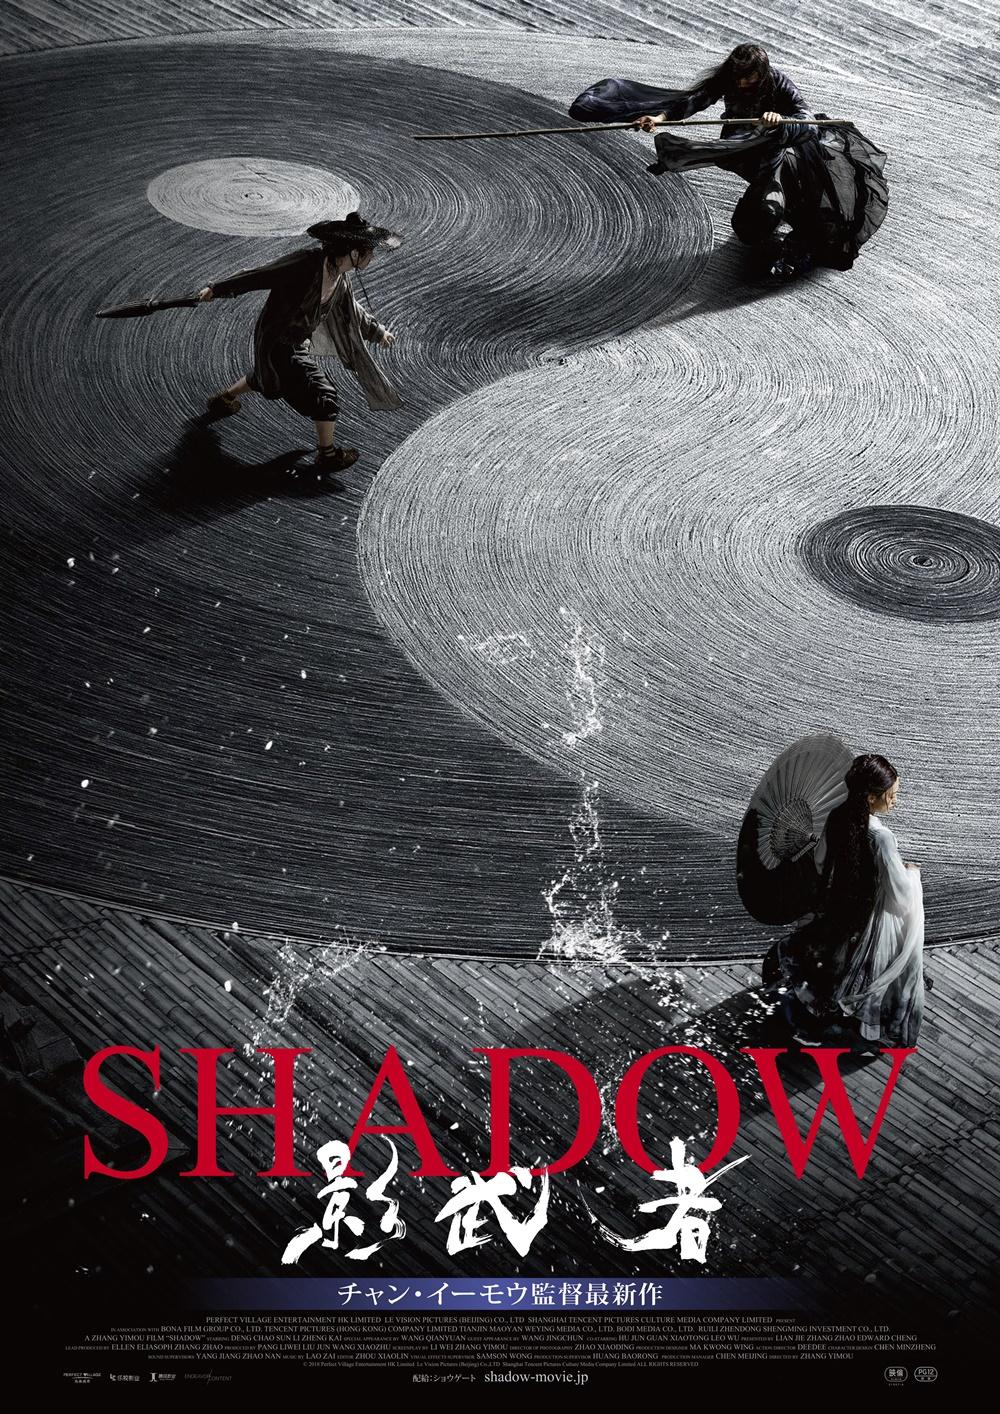 【画像】映画『SHADOW/影武者』ポスタービジュアル